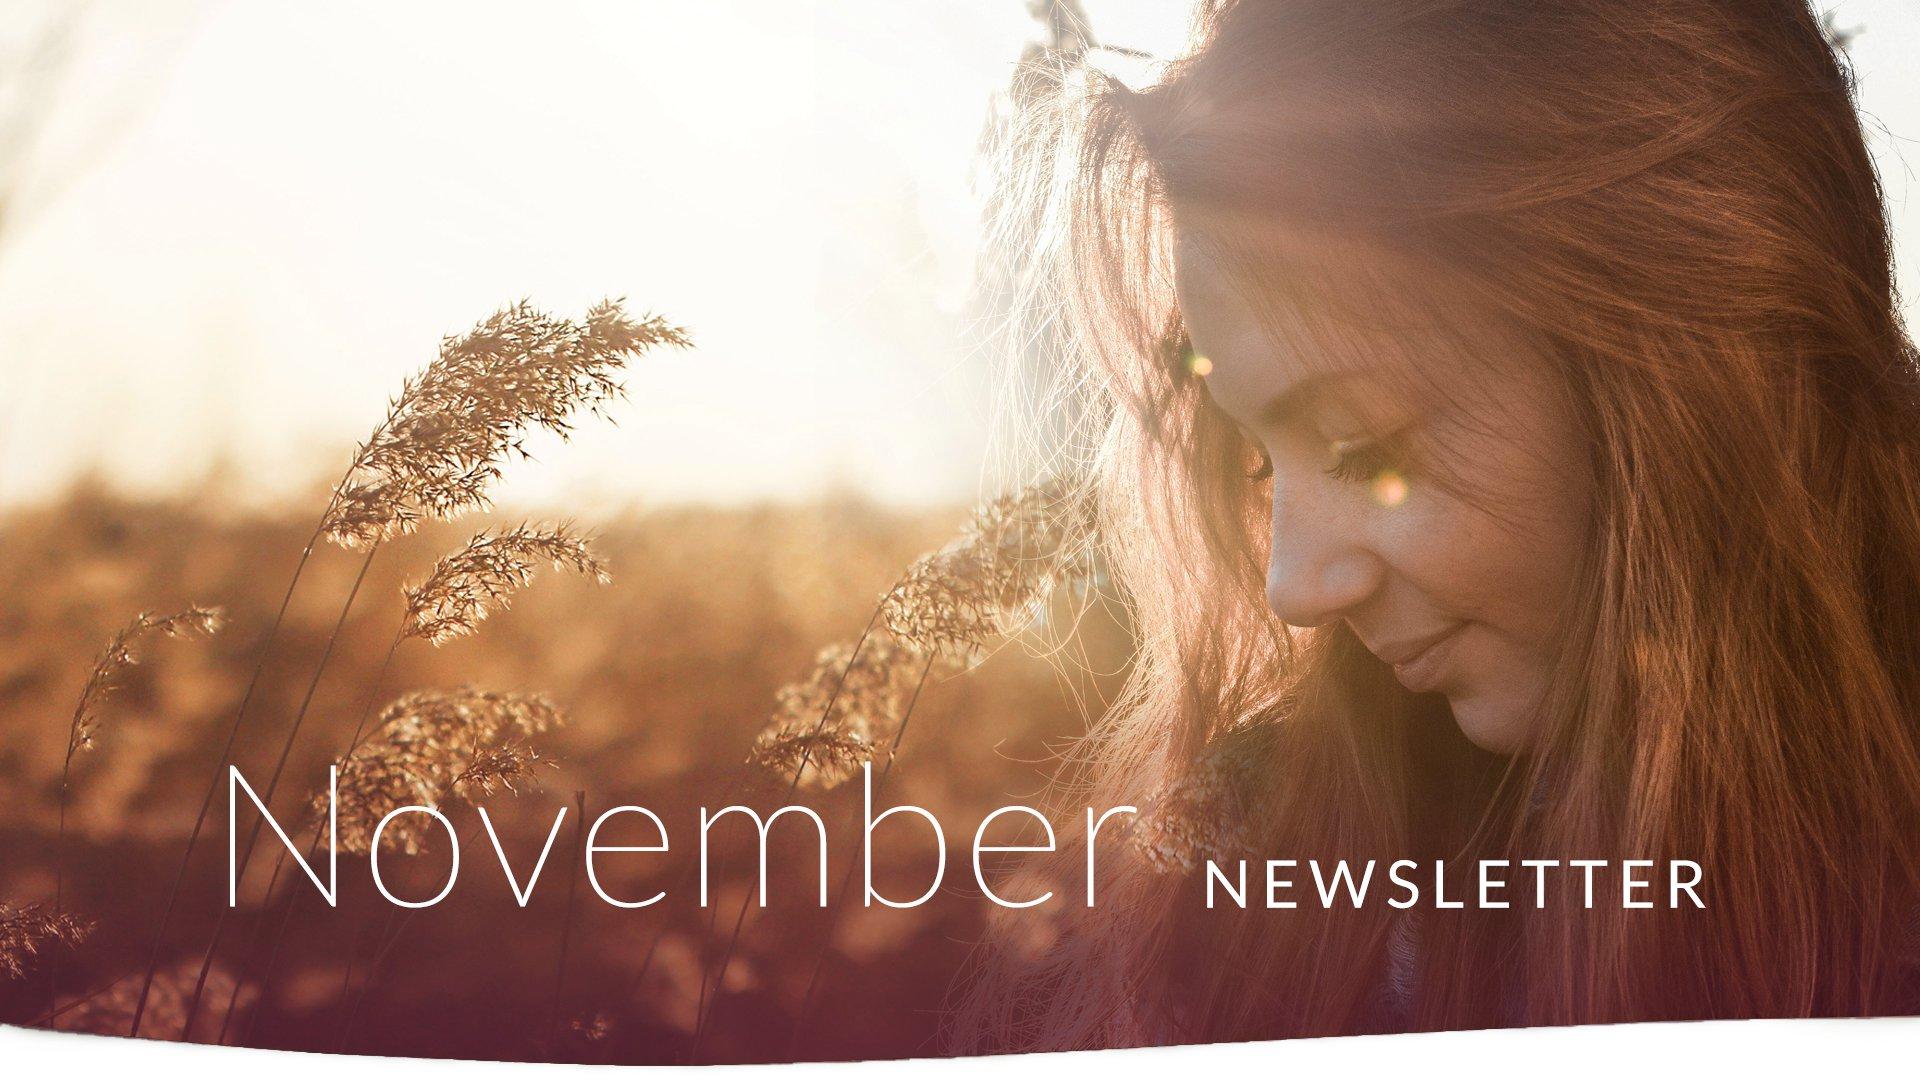 NovemberNewsletter 1